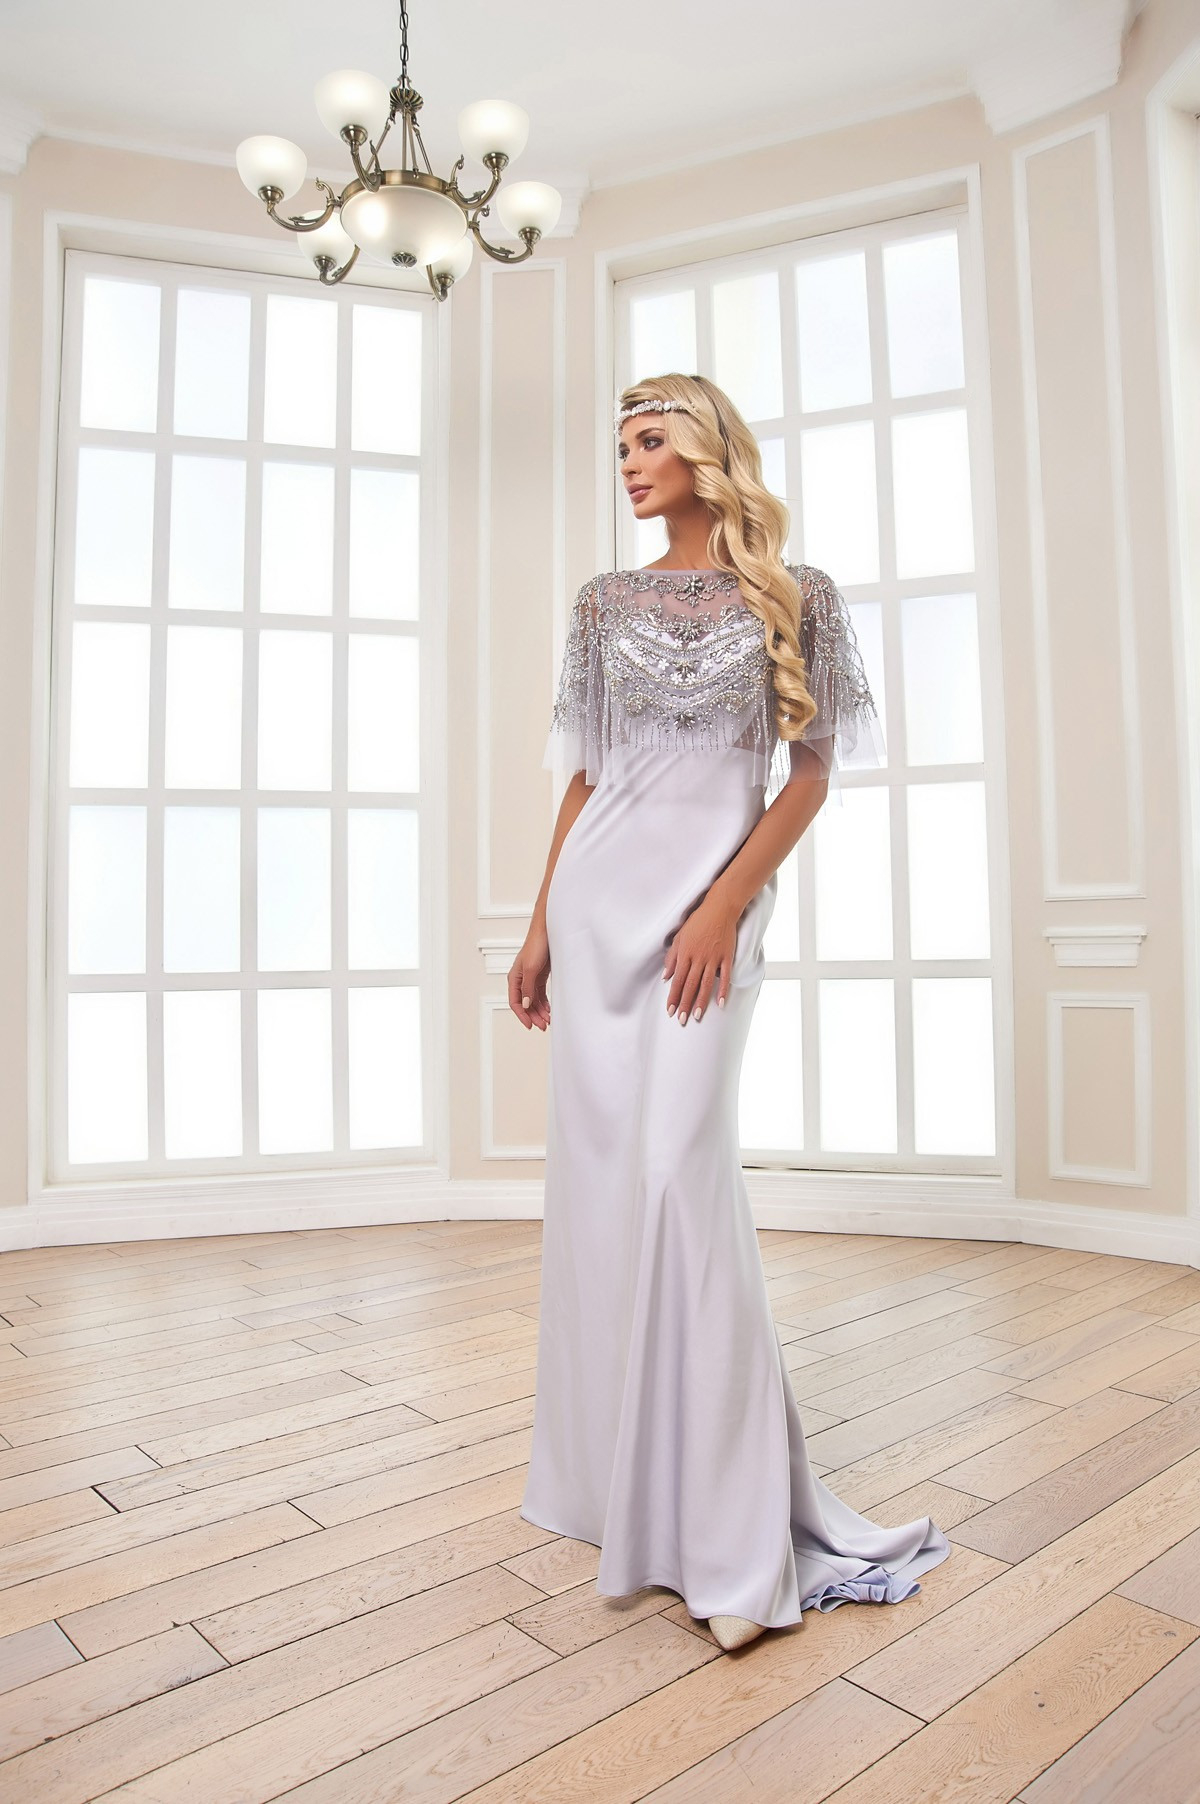 Designer Großartig Abendkleid Ausleihen Vertrieb15 Ausgezeichnet Abendkleid Ausleihen für 2019